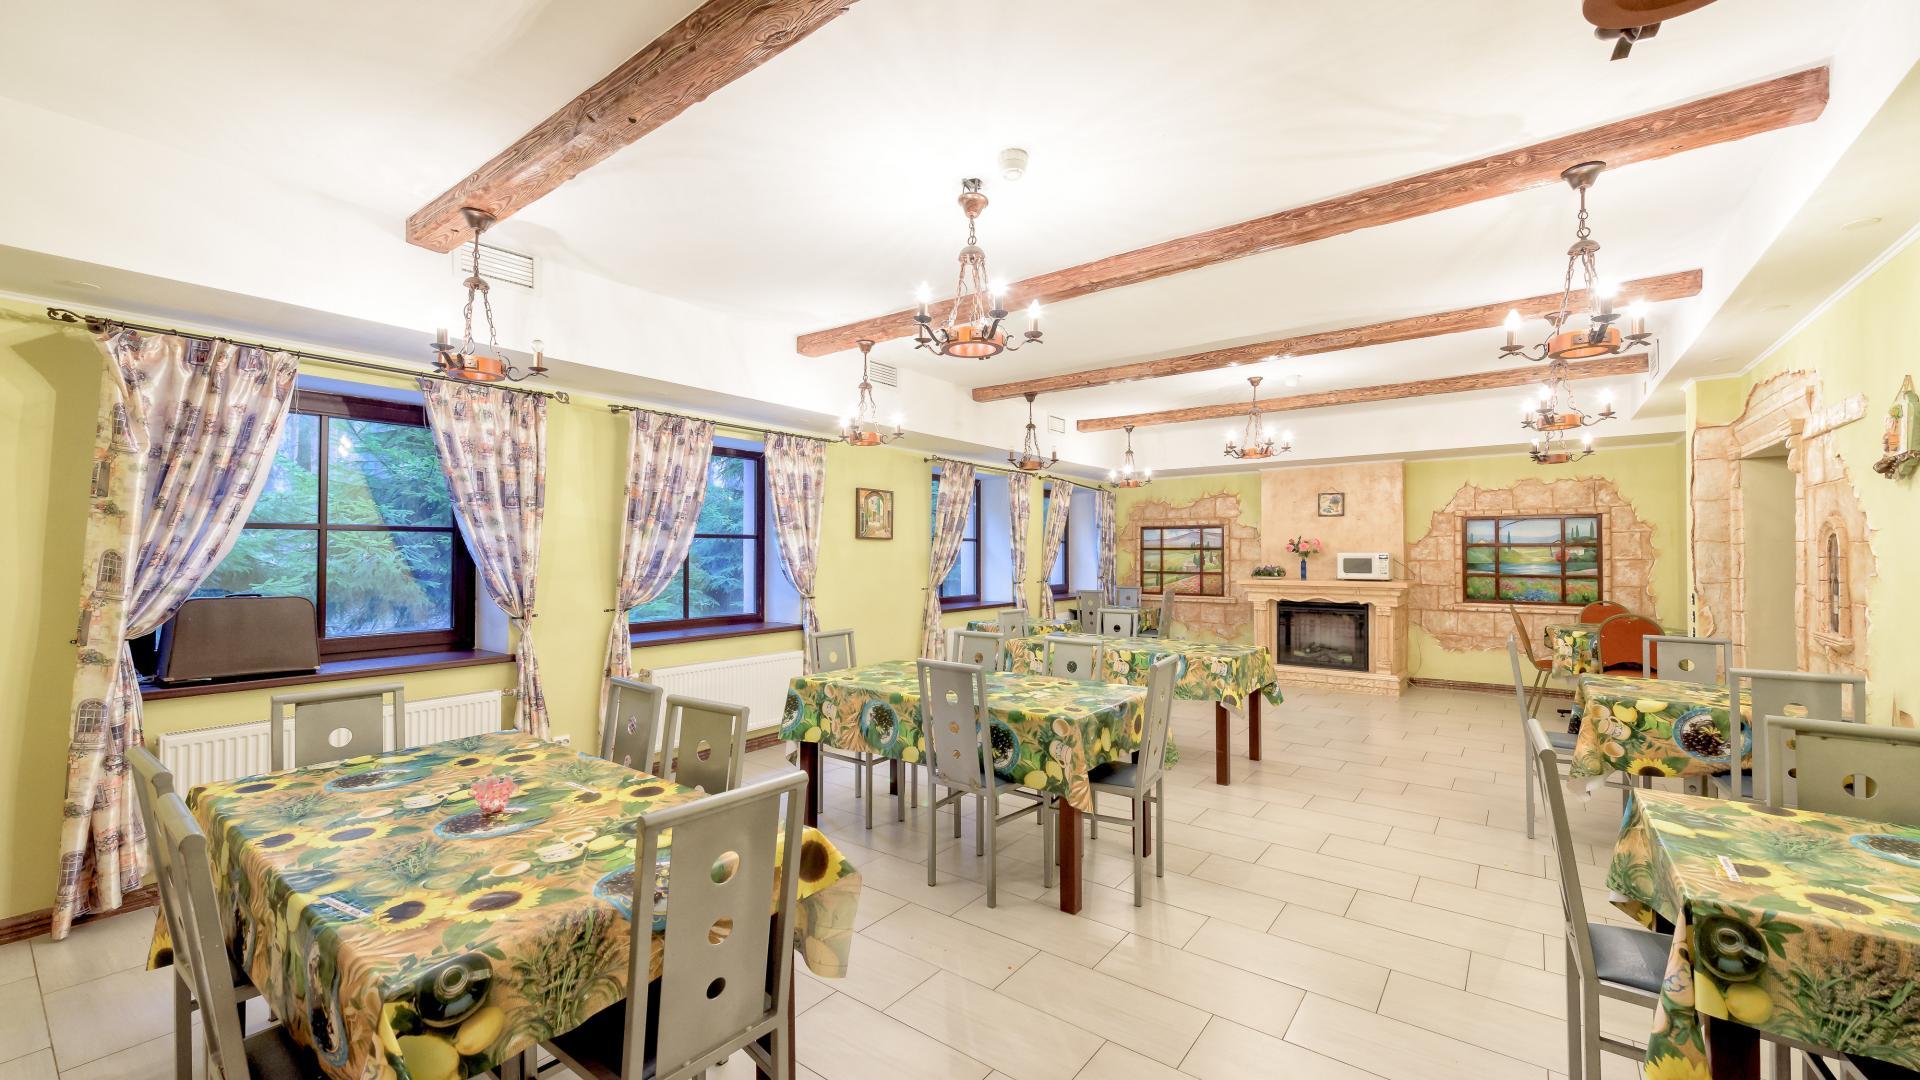 Дом престарелых на лесном дома интернаты для инвалидов и престарелых в калининграде